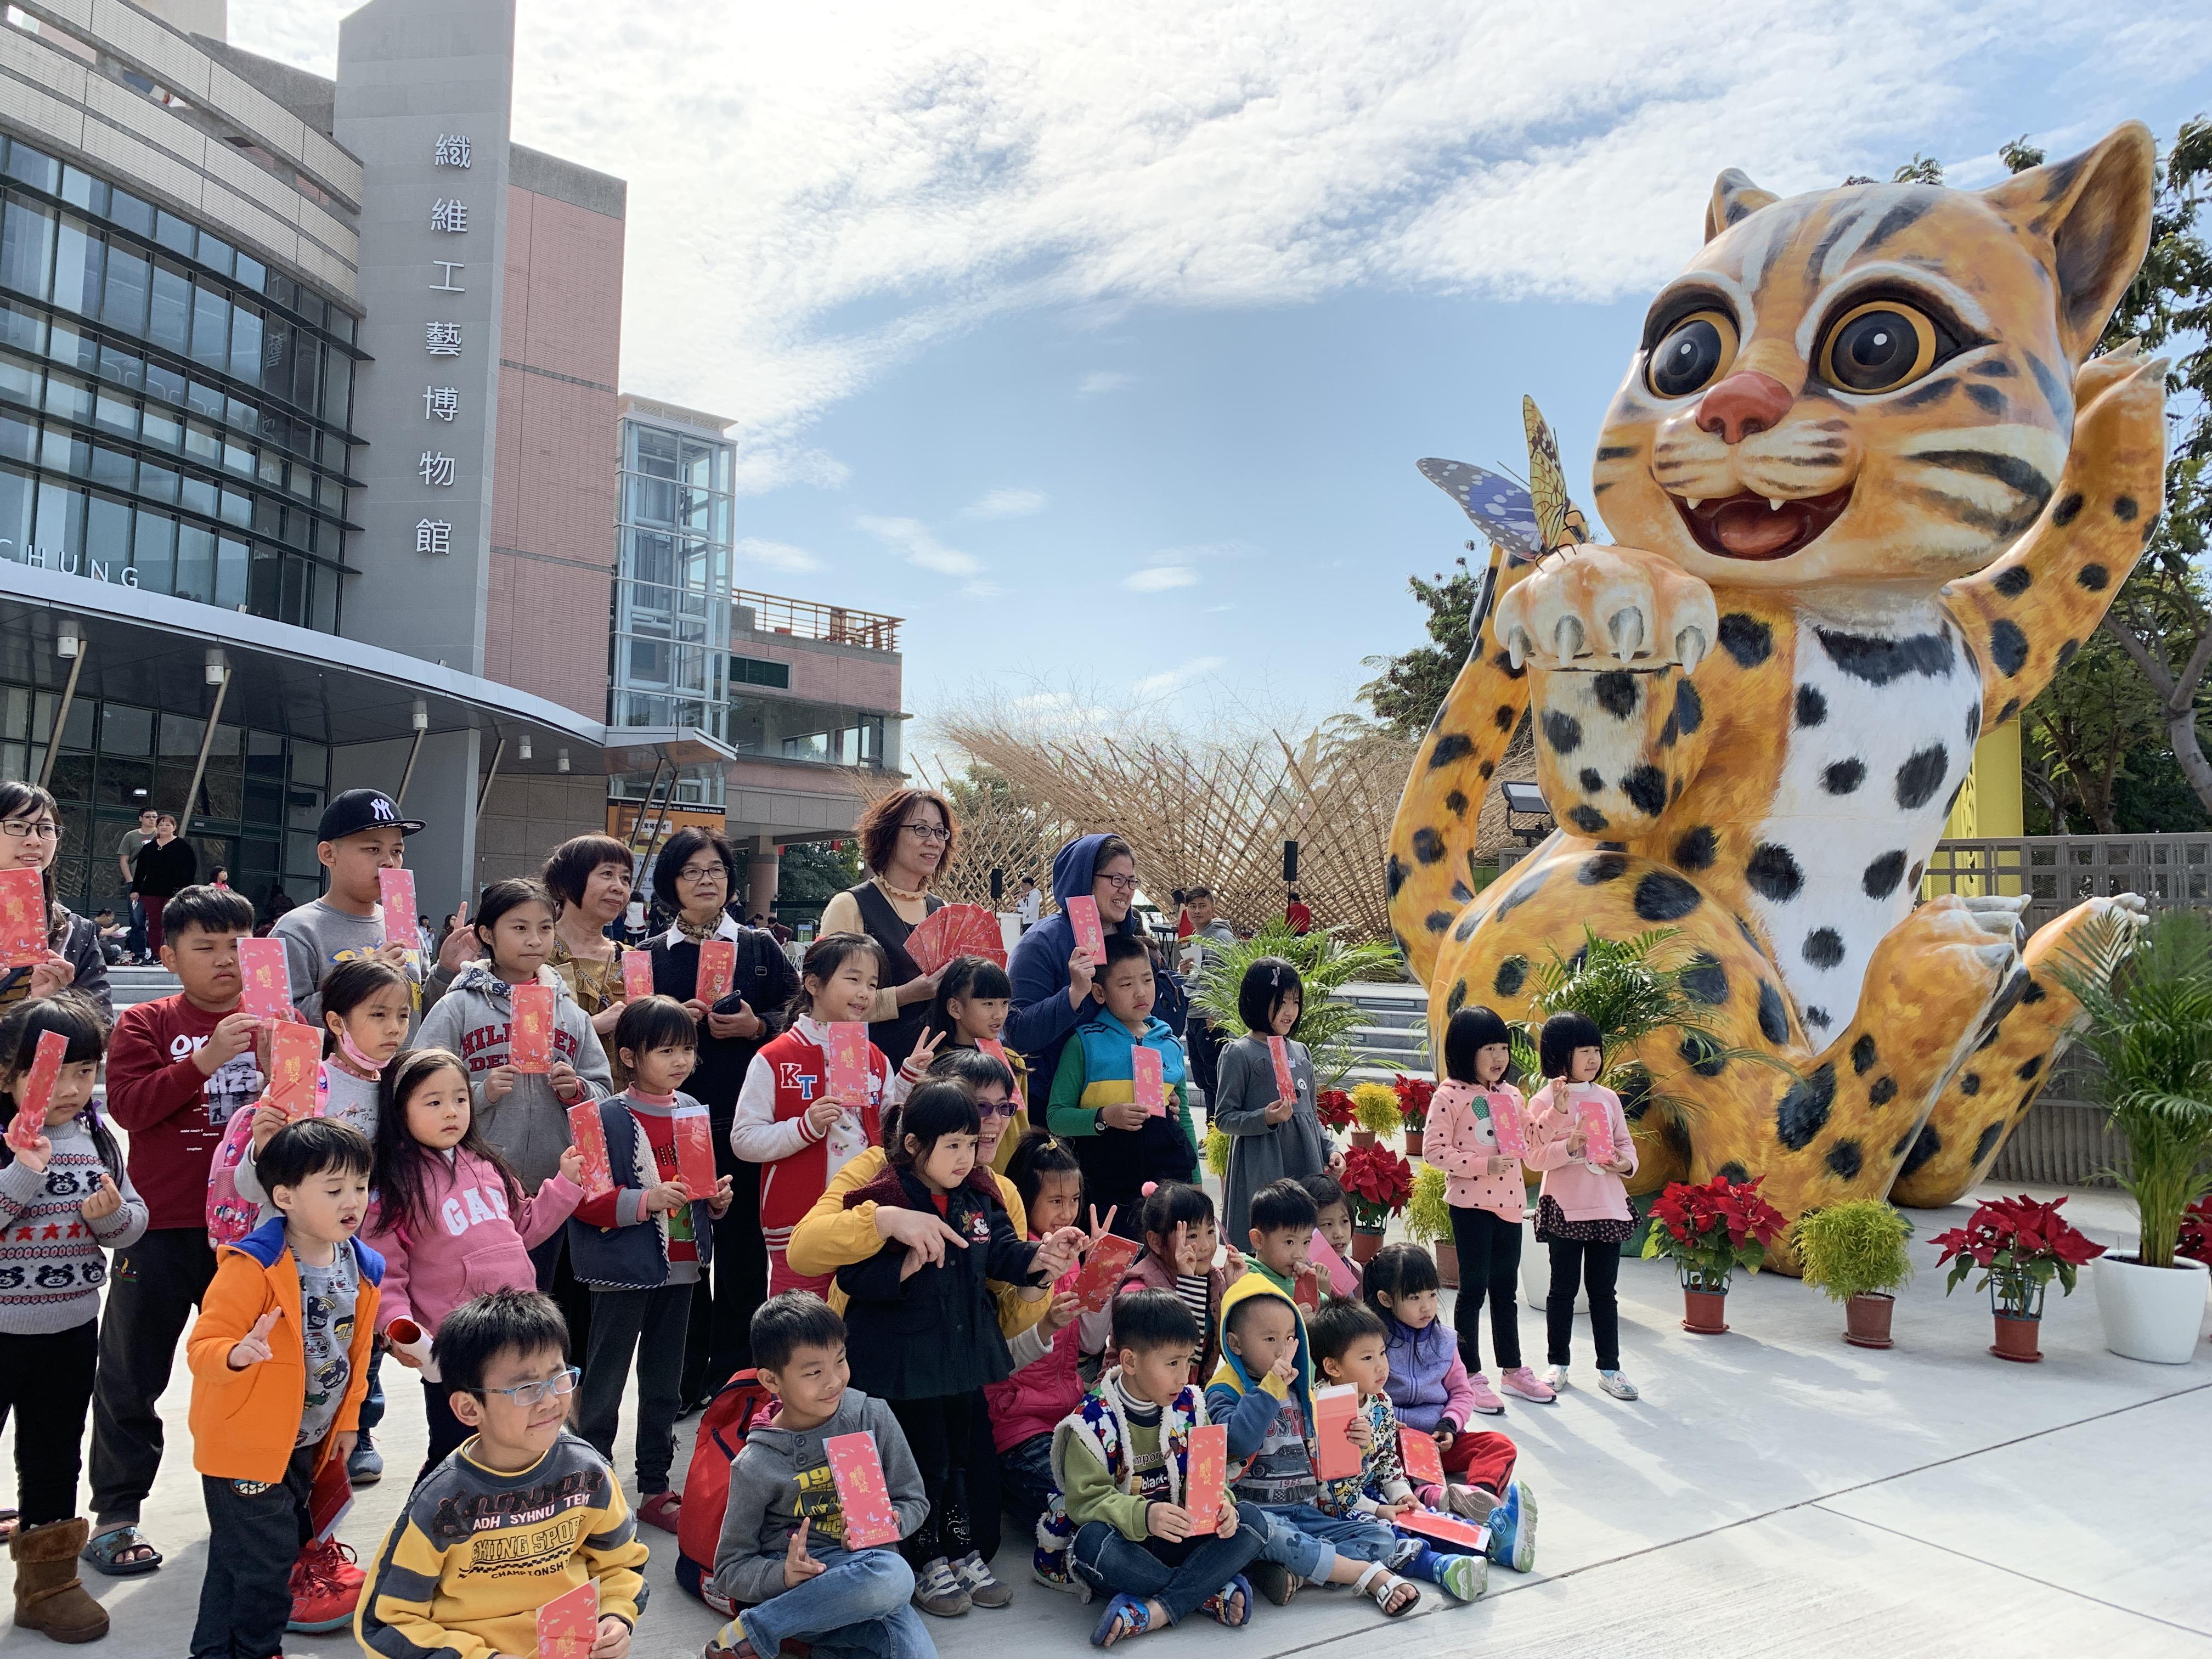 花博吉祥物石虎大型公仔移師纖維工藝博物館 舉辦音樂會吸引2千人參與